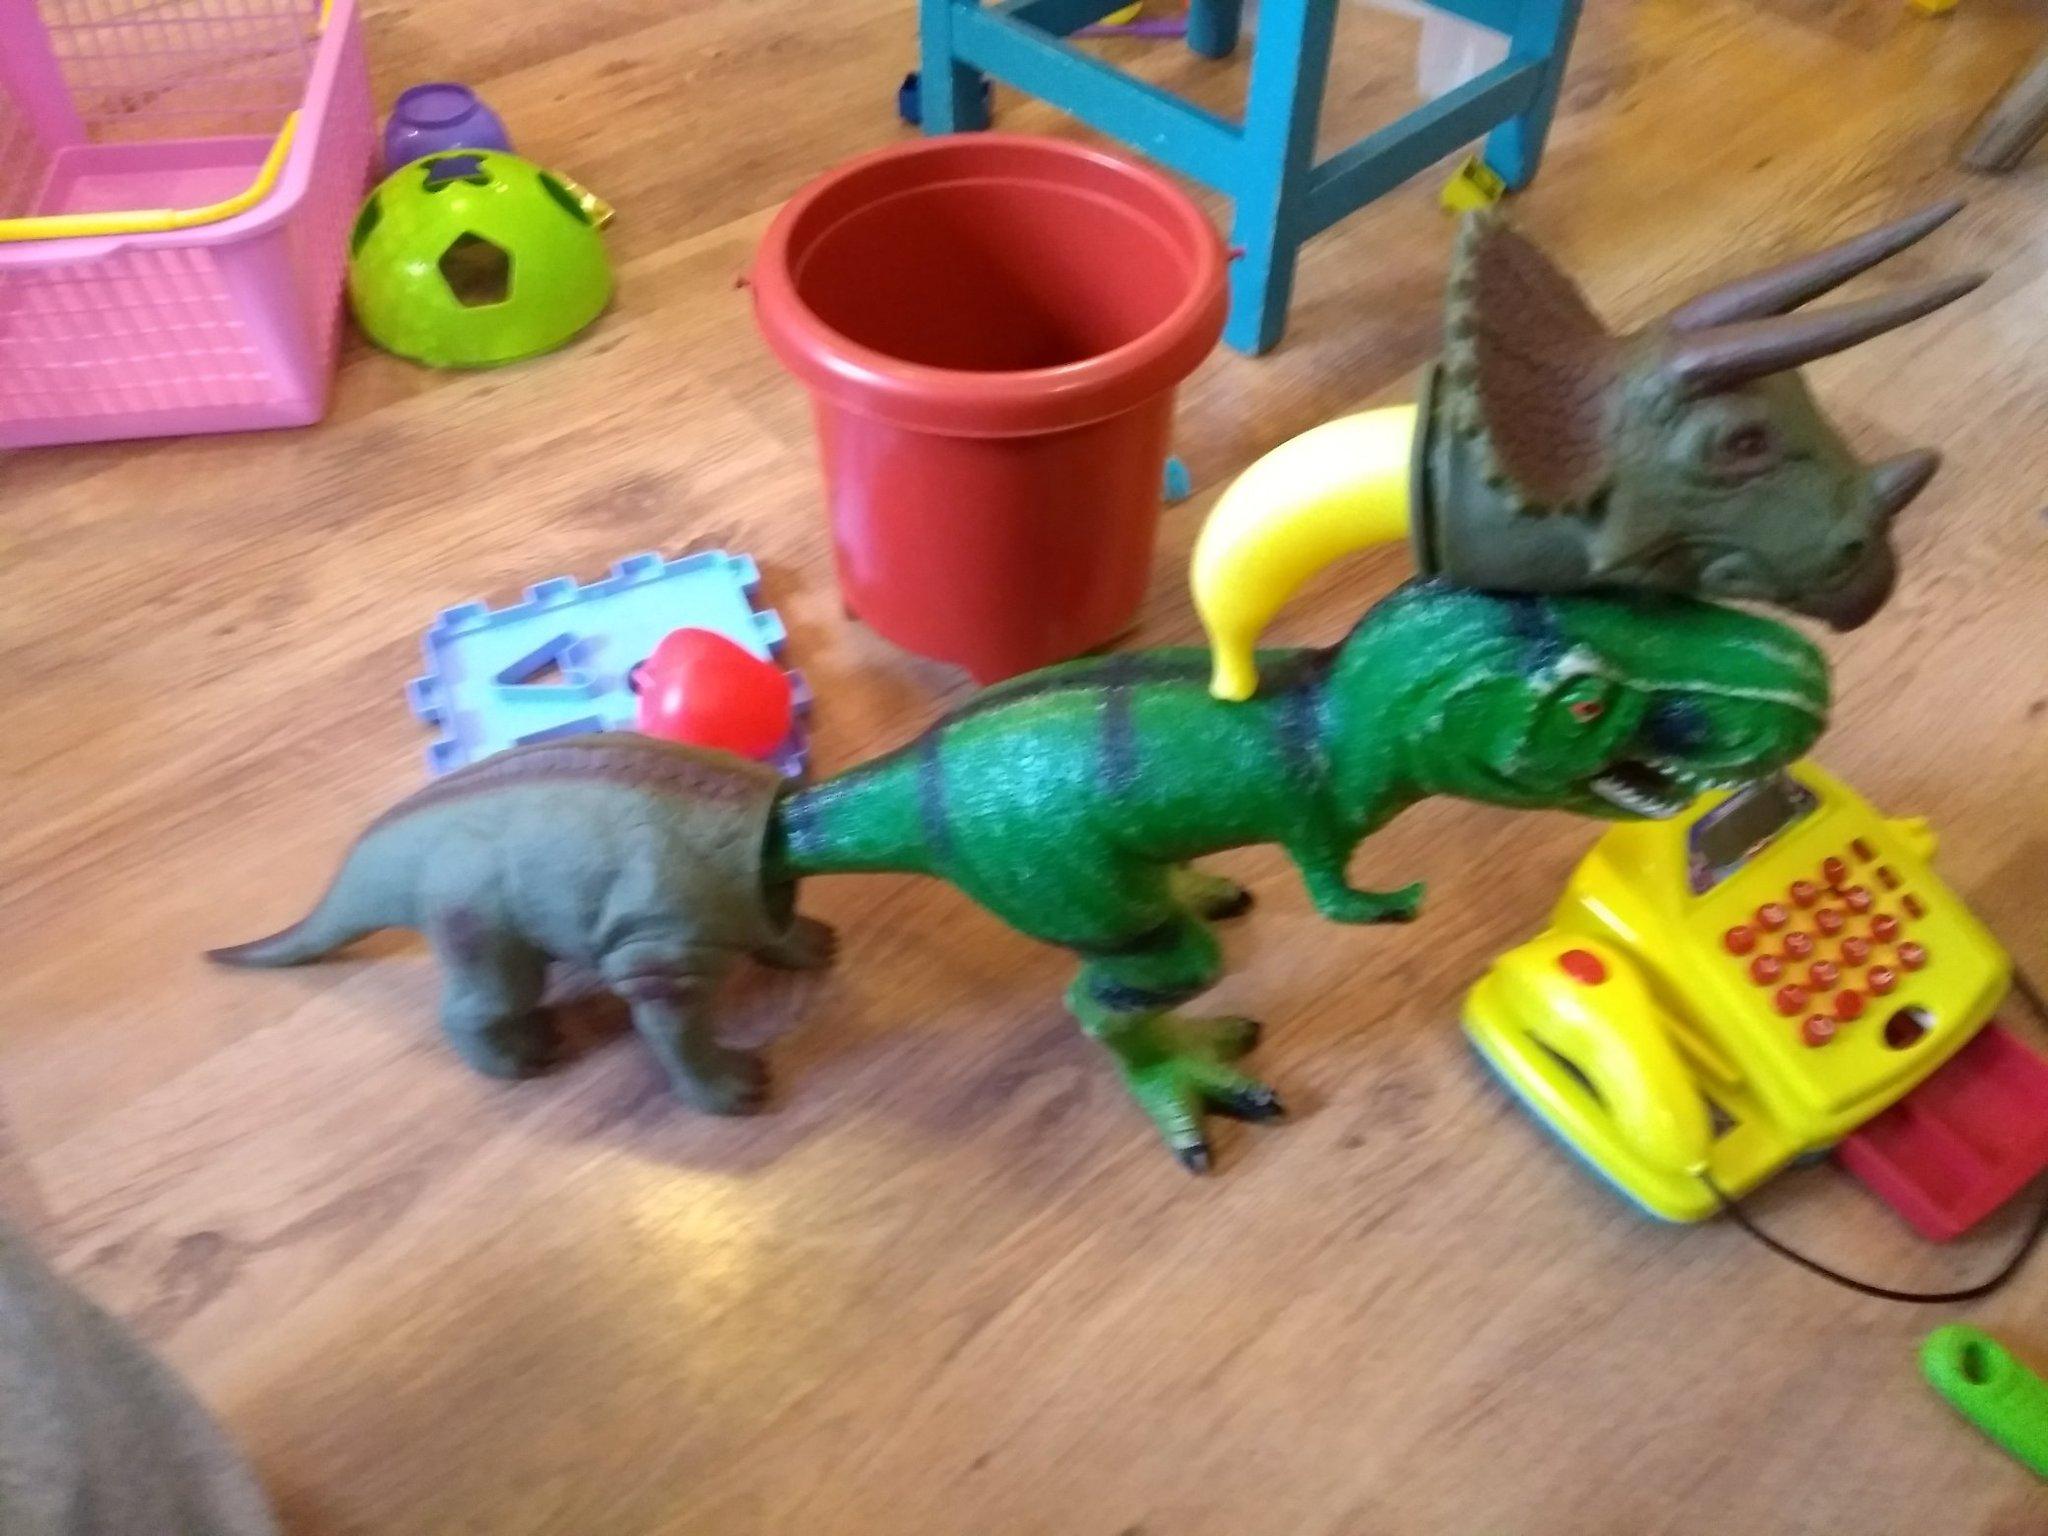 Conheça a criaçao das crianças o tricerobananassauro-rex - meme